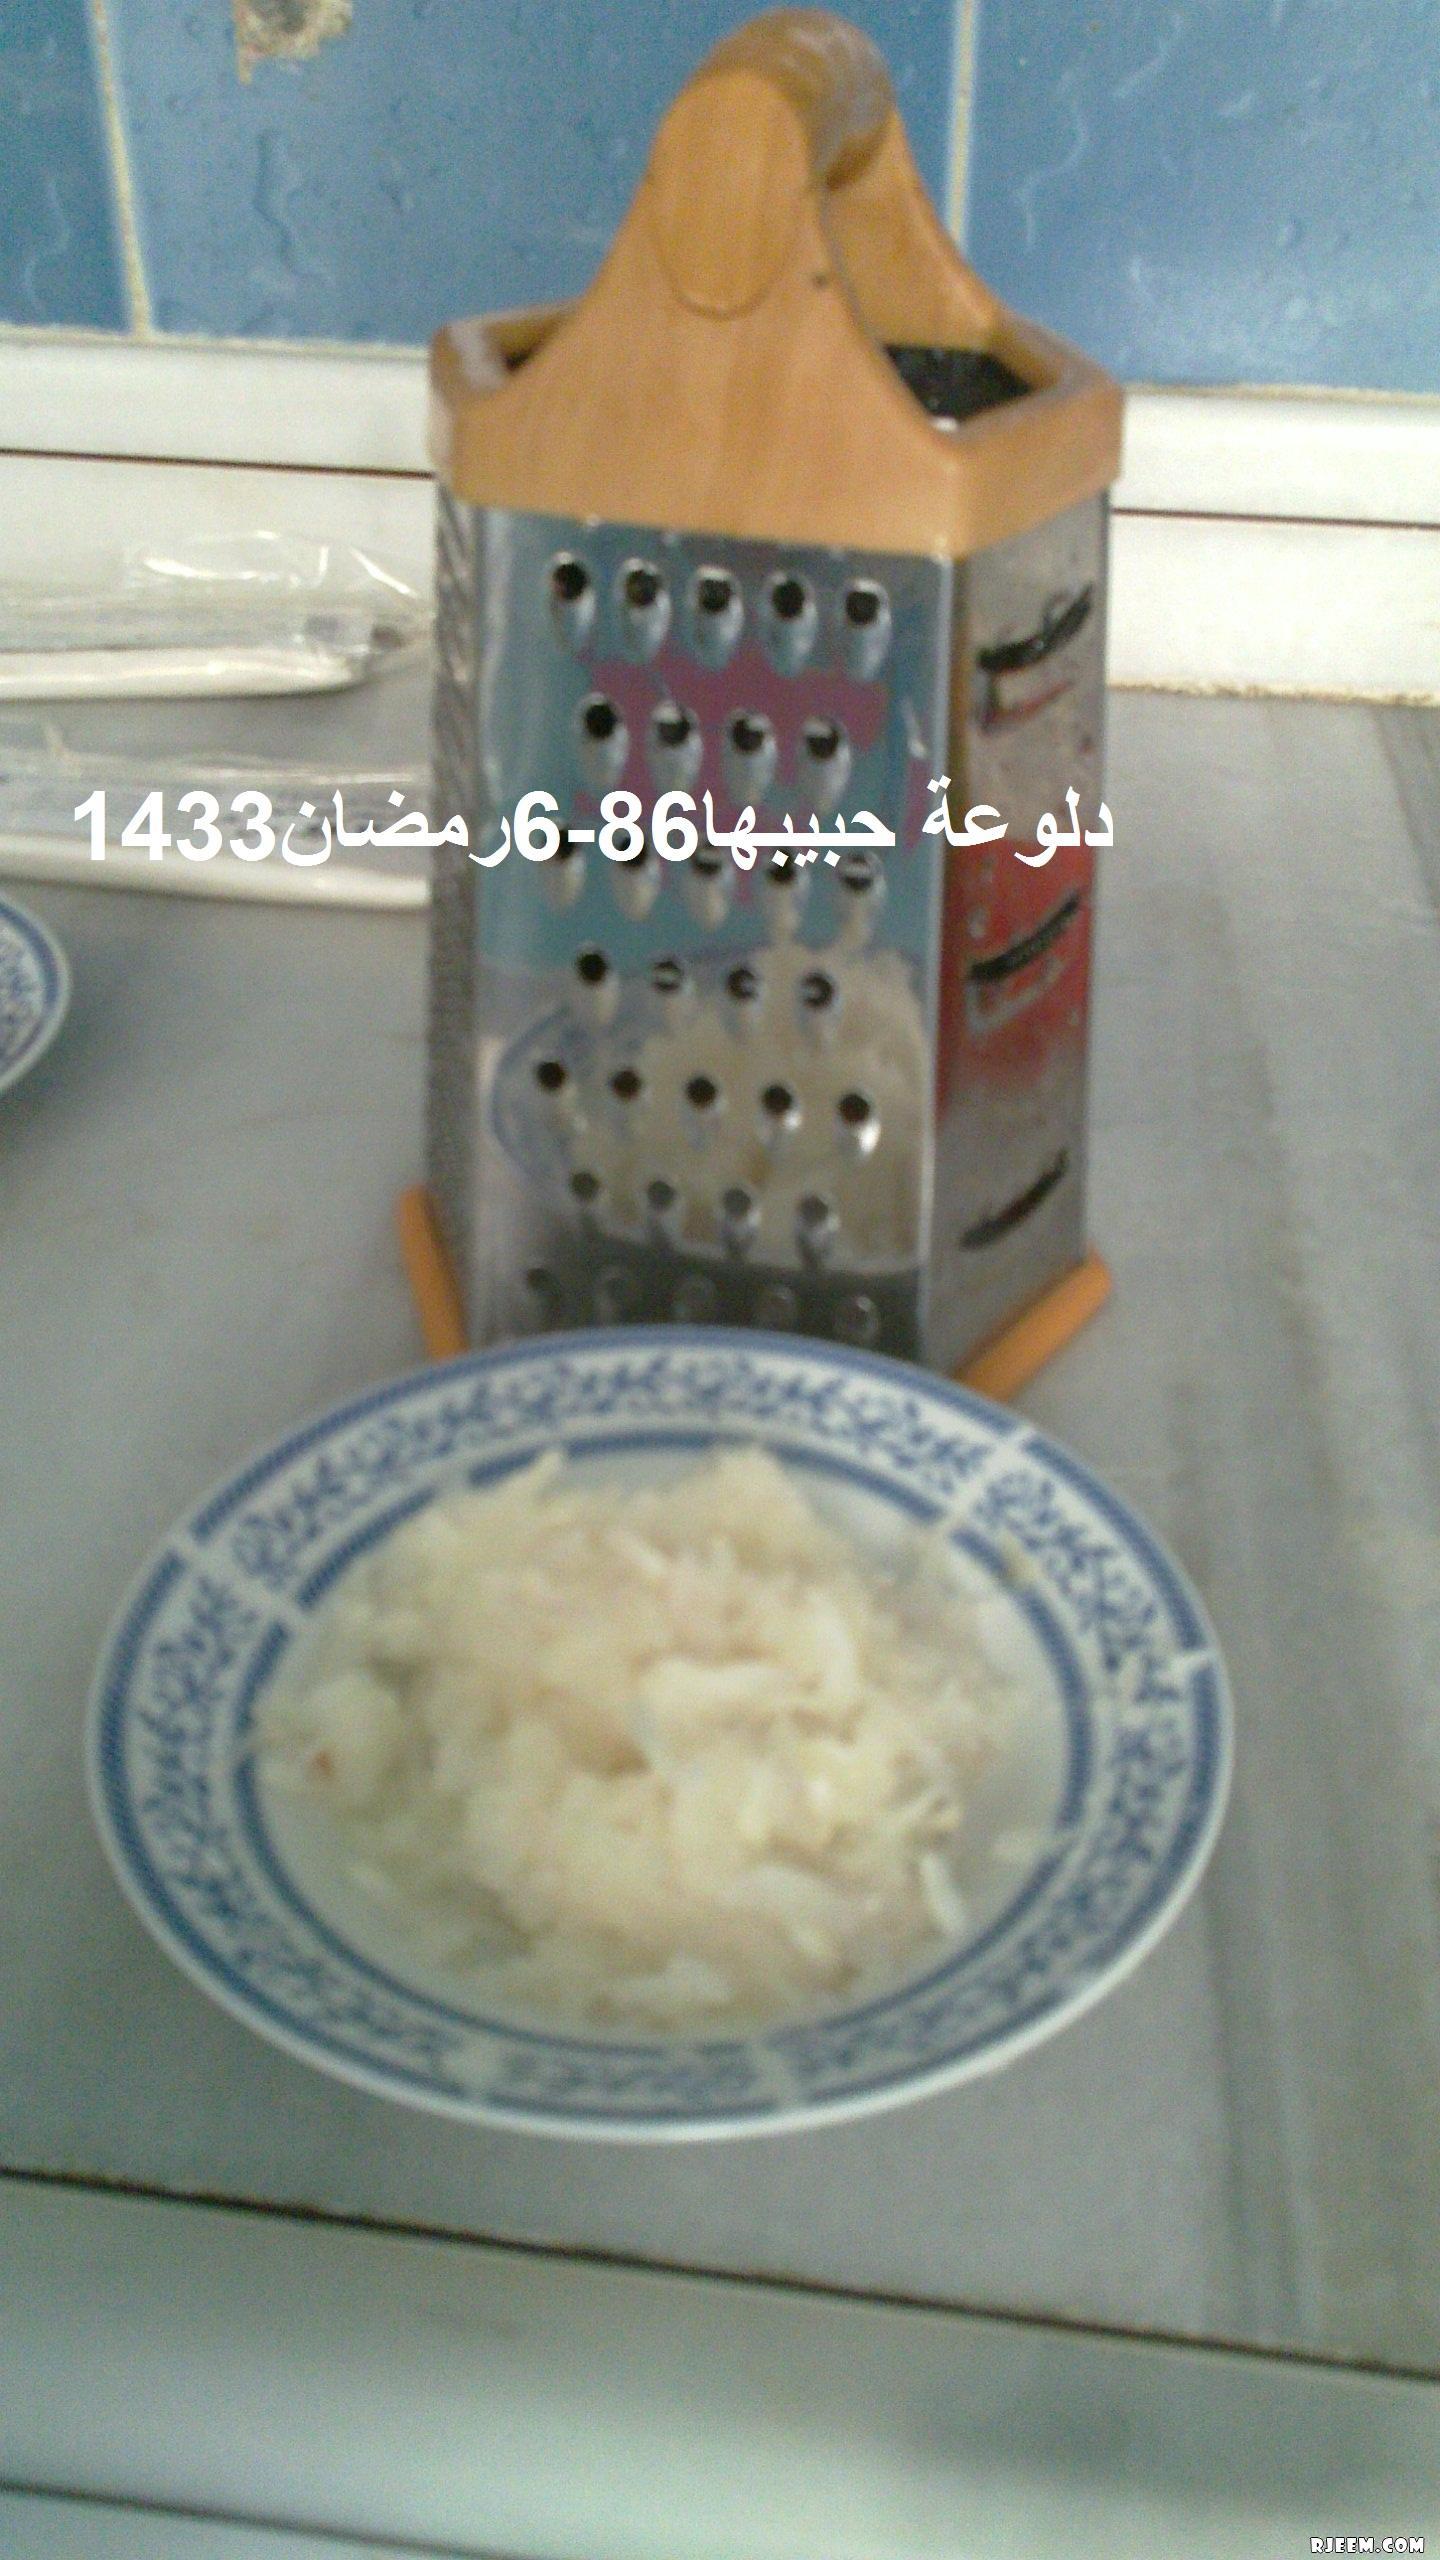 13433466135.jpg